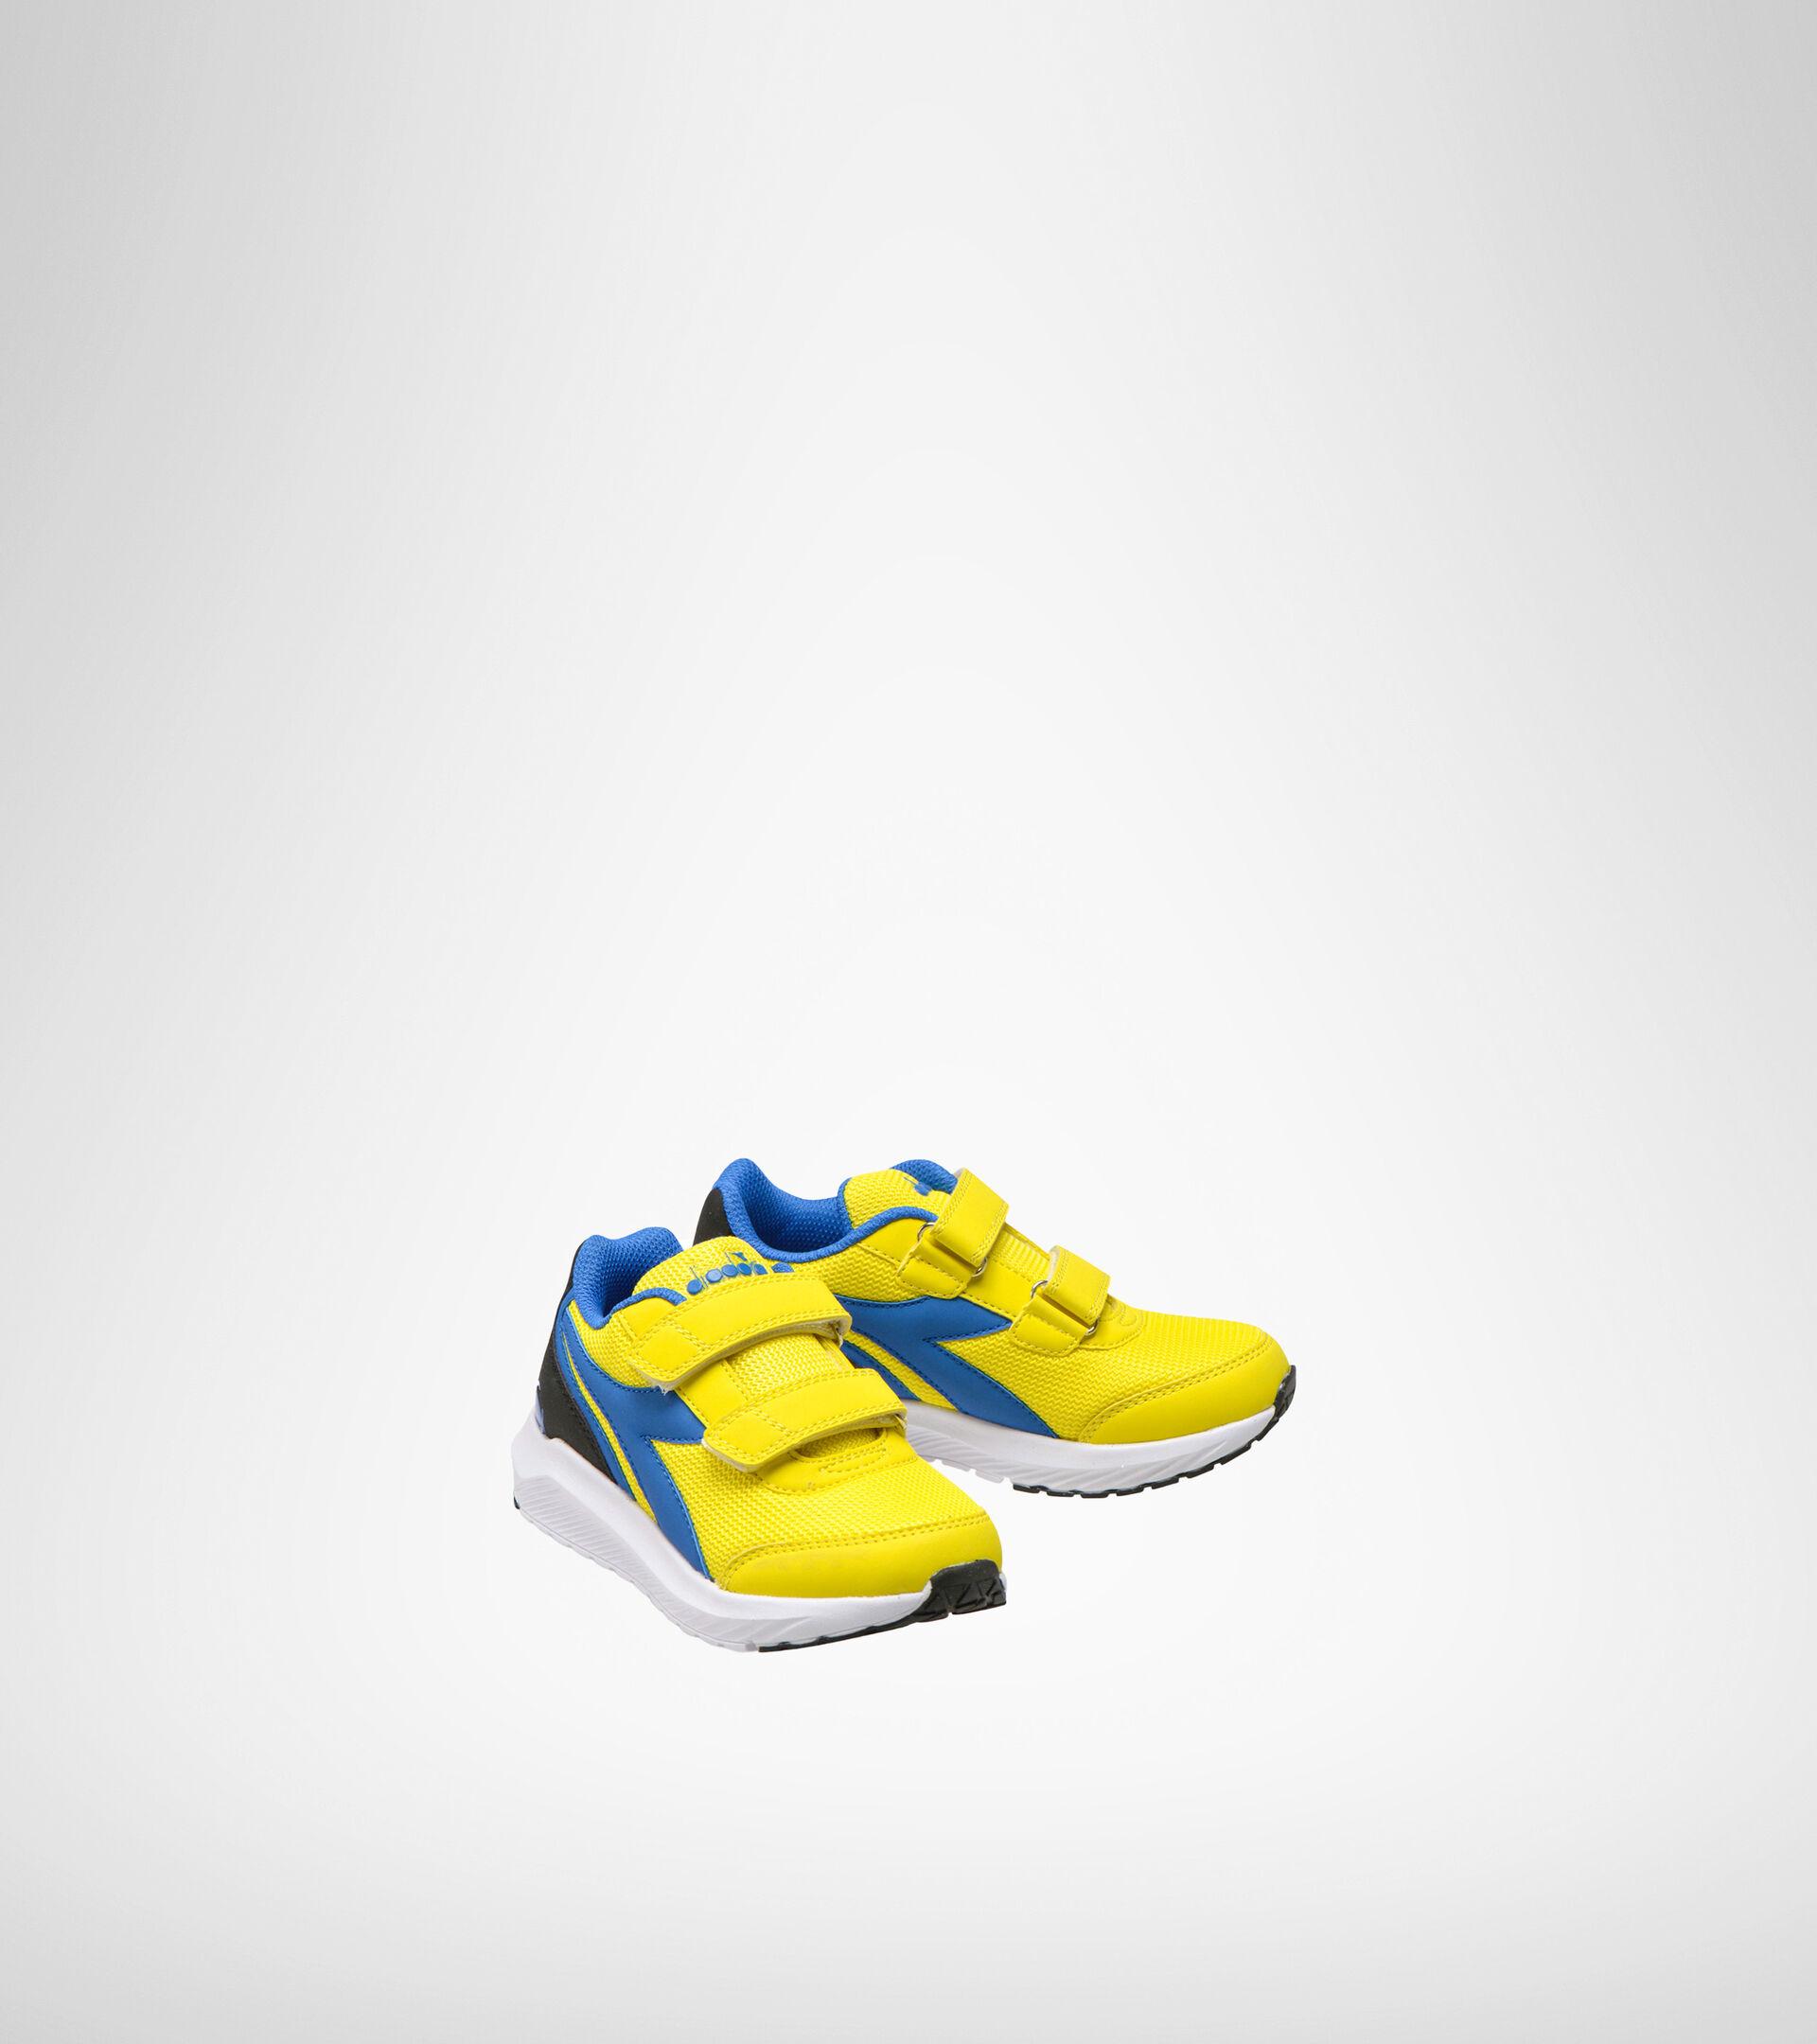 Zapatilla de running - Unisex niños FALCON JR V GIALLO/AZZURRO - Diadora